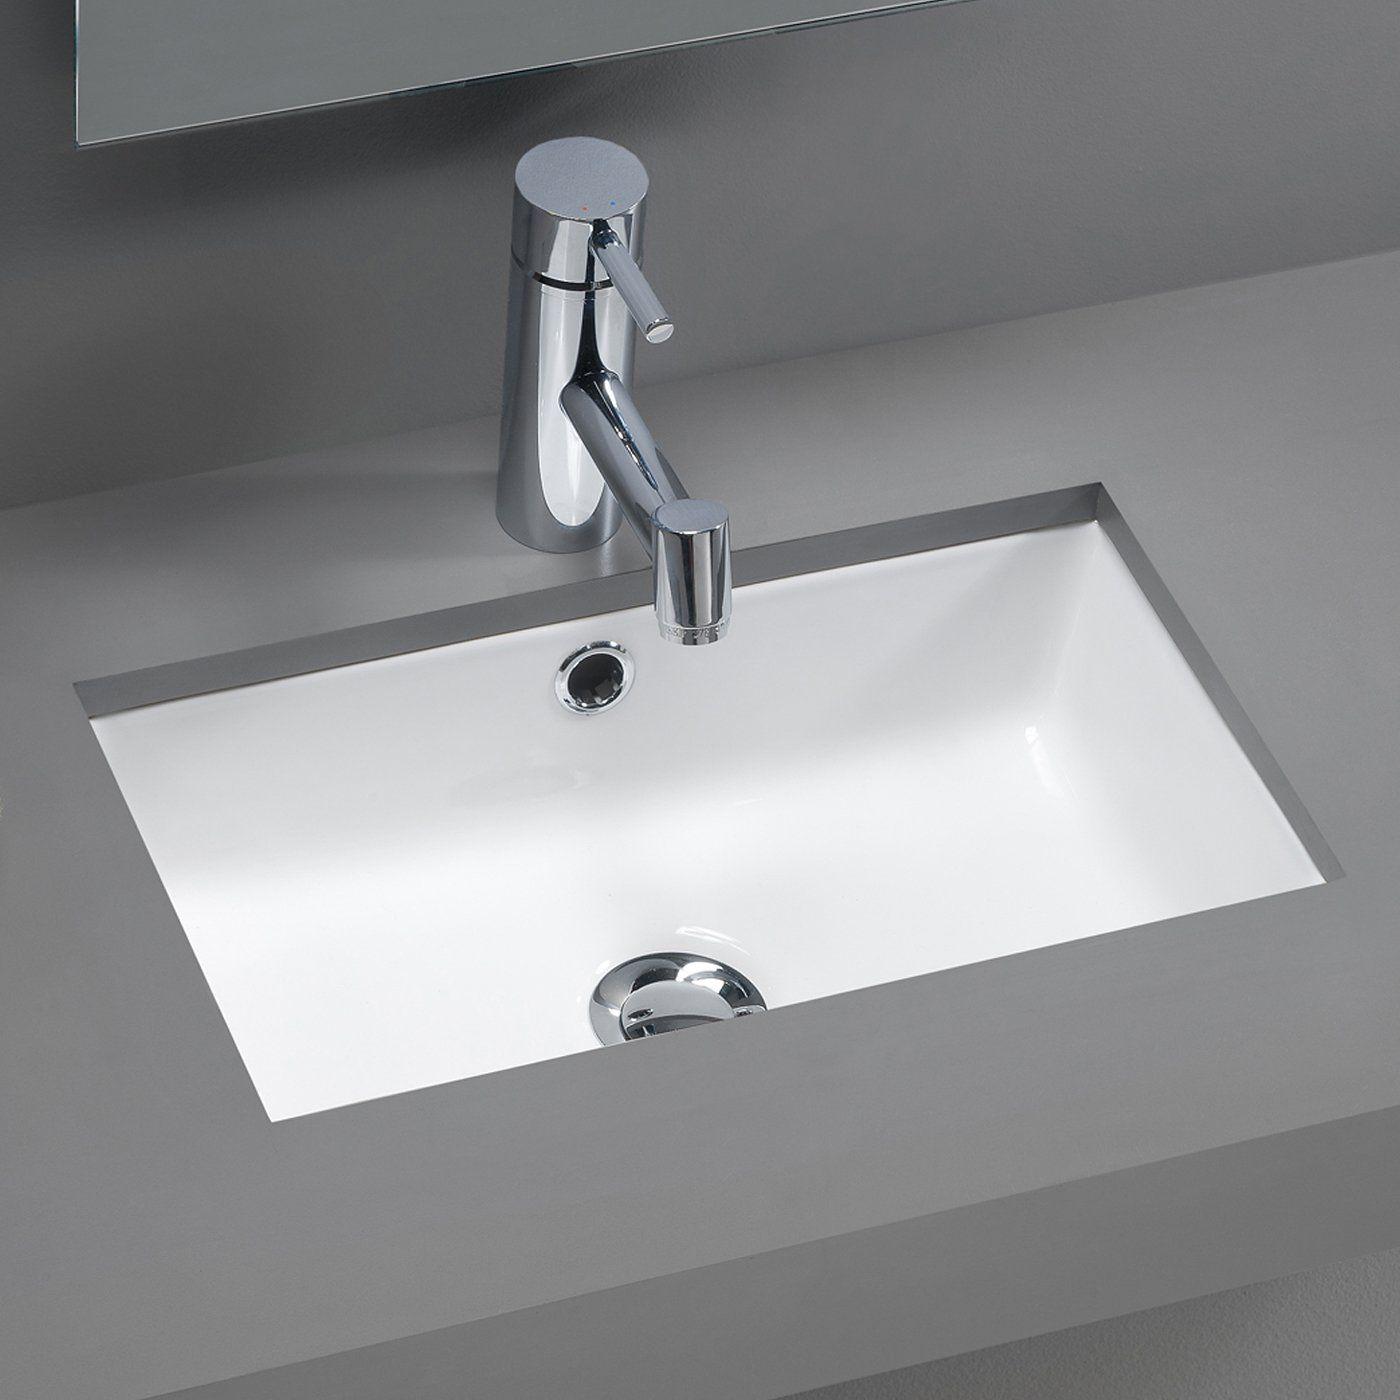 Waschbecken Designs Zoll Unterbau Spule Verschiedene Badezimmer